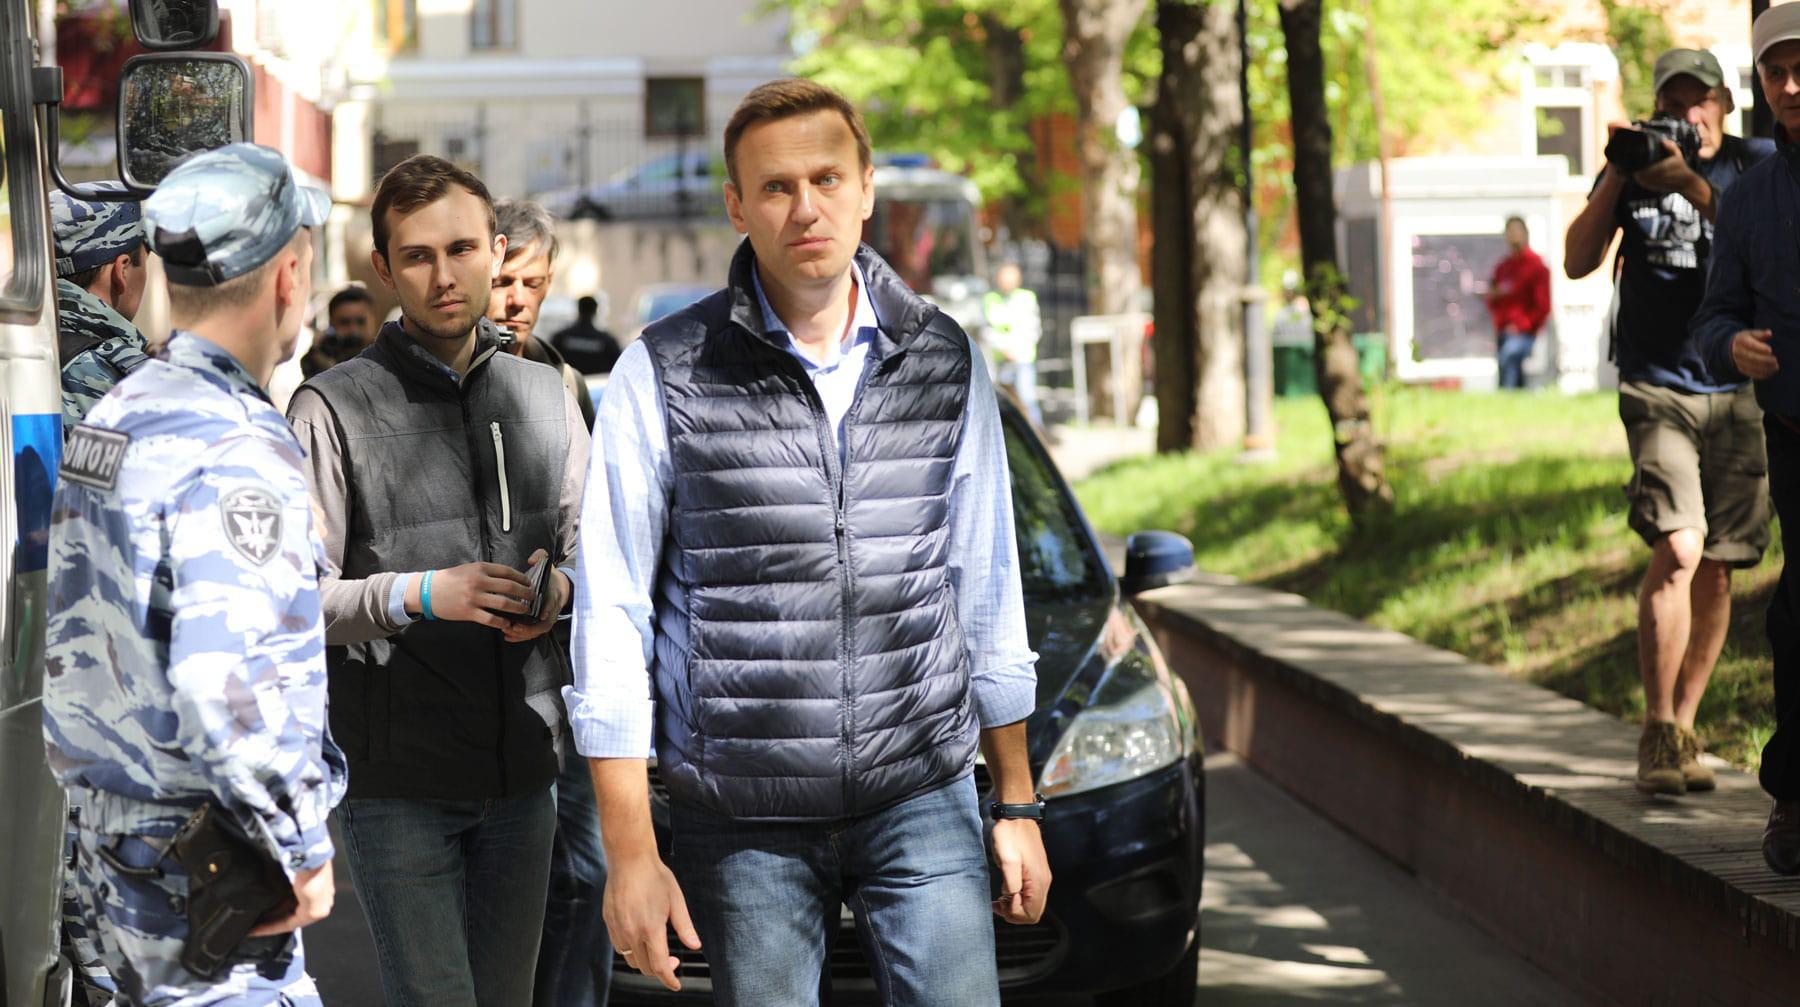 Суд отложил рассмотрение дела против Навального о несоблюдении проведения митинга